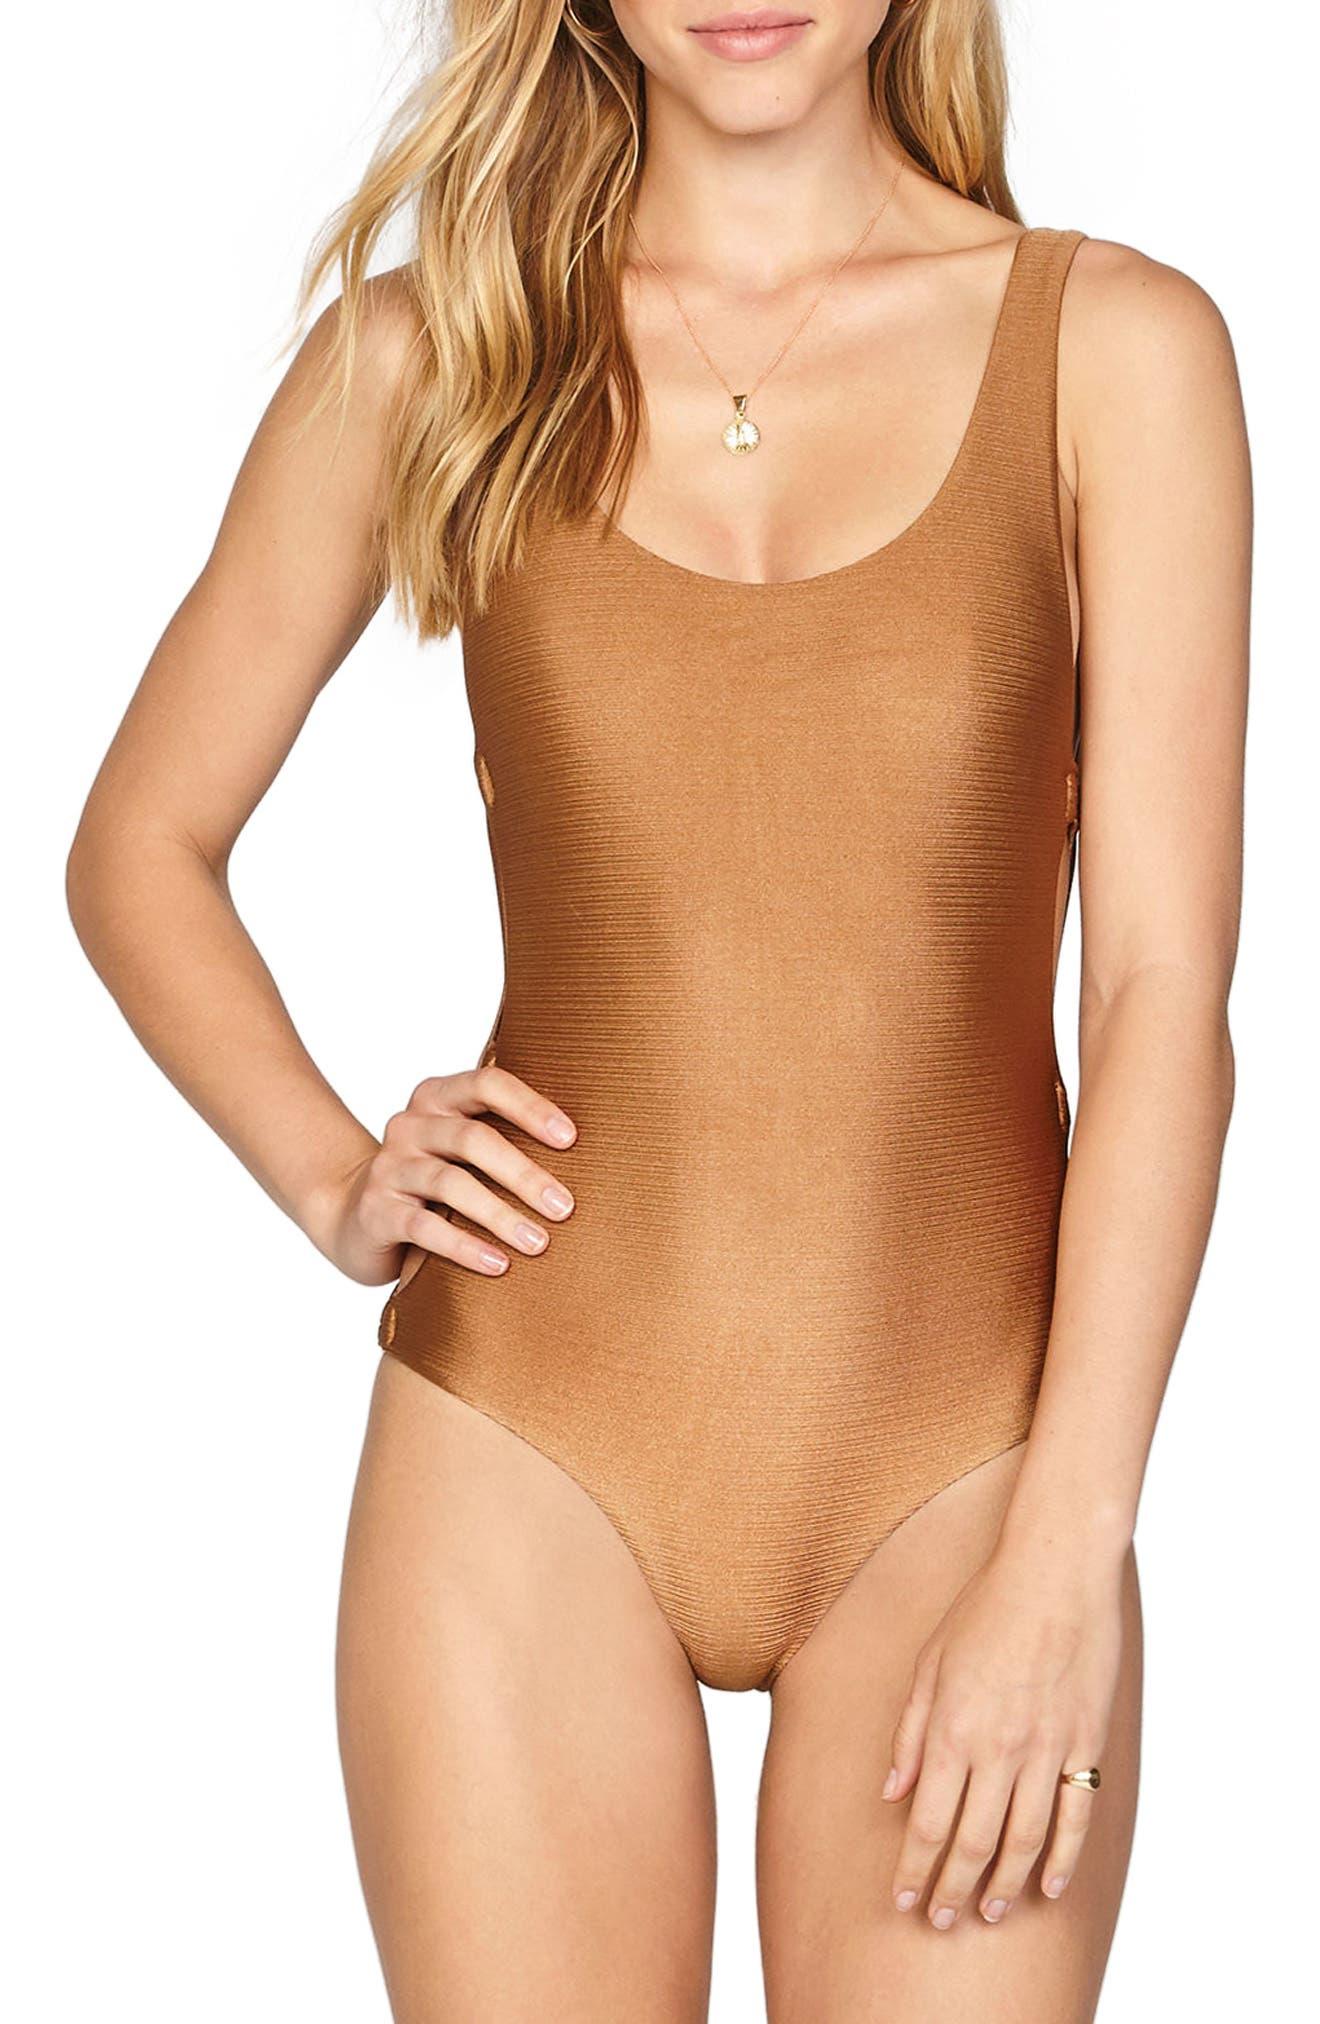 Estelle Cutout One-Piece Swimsuit,                             Main thumbnail 1, color,